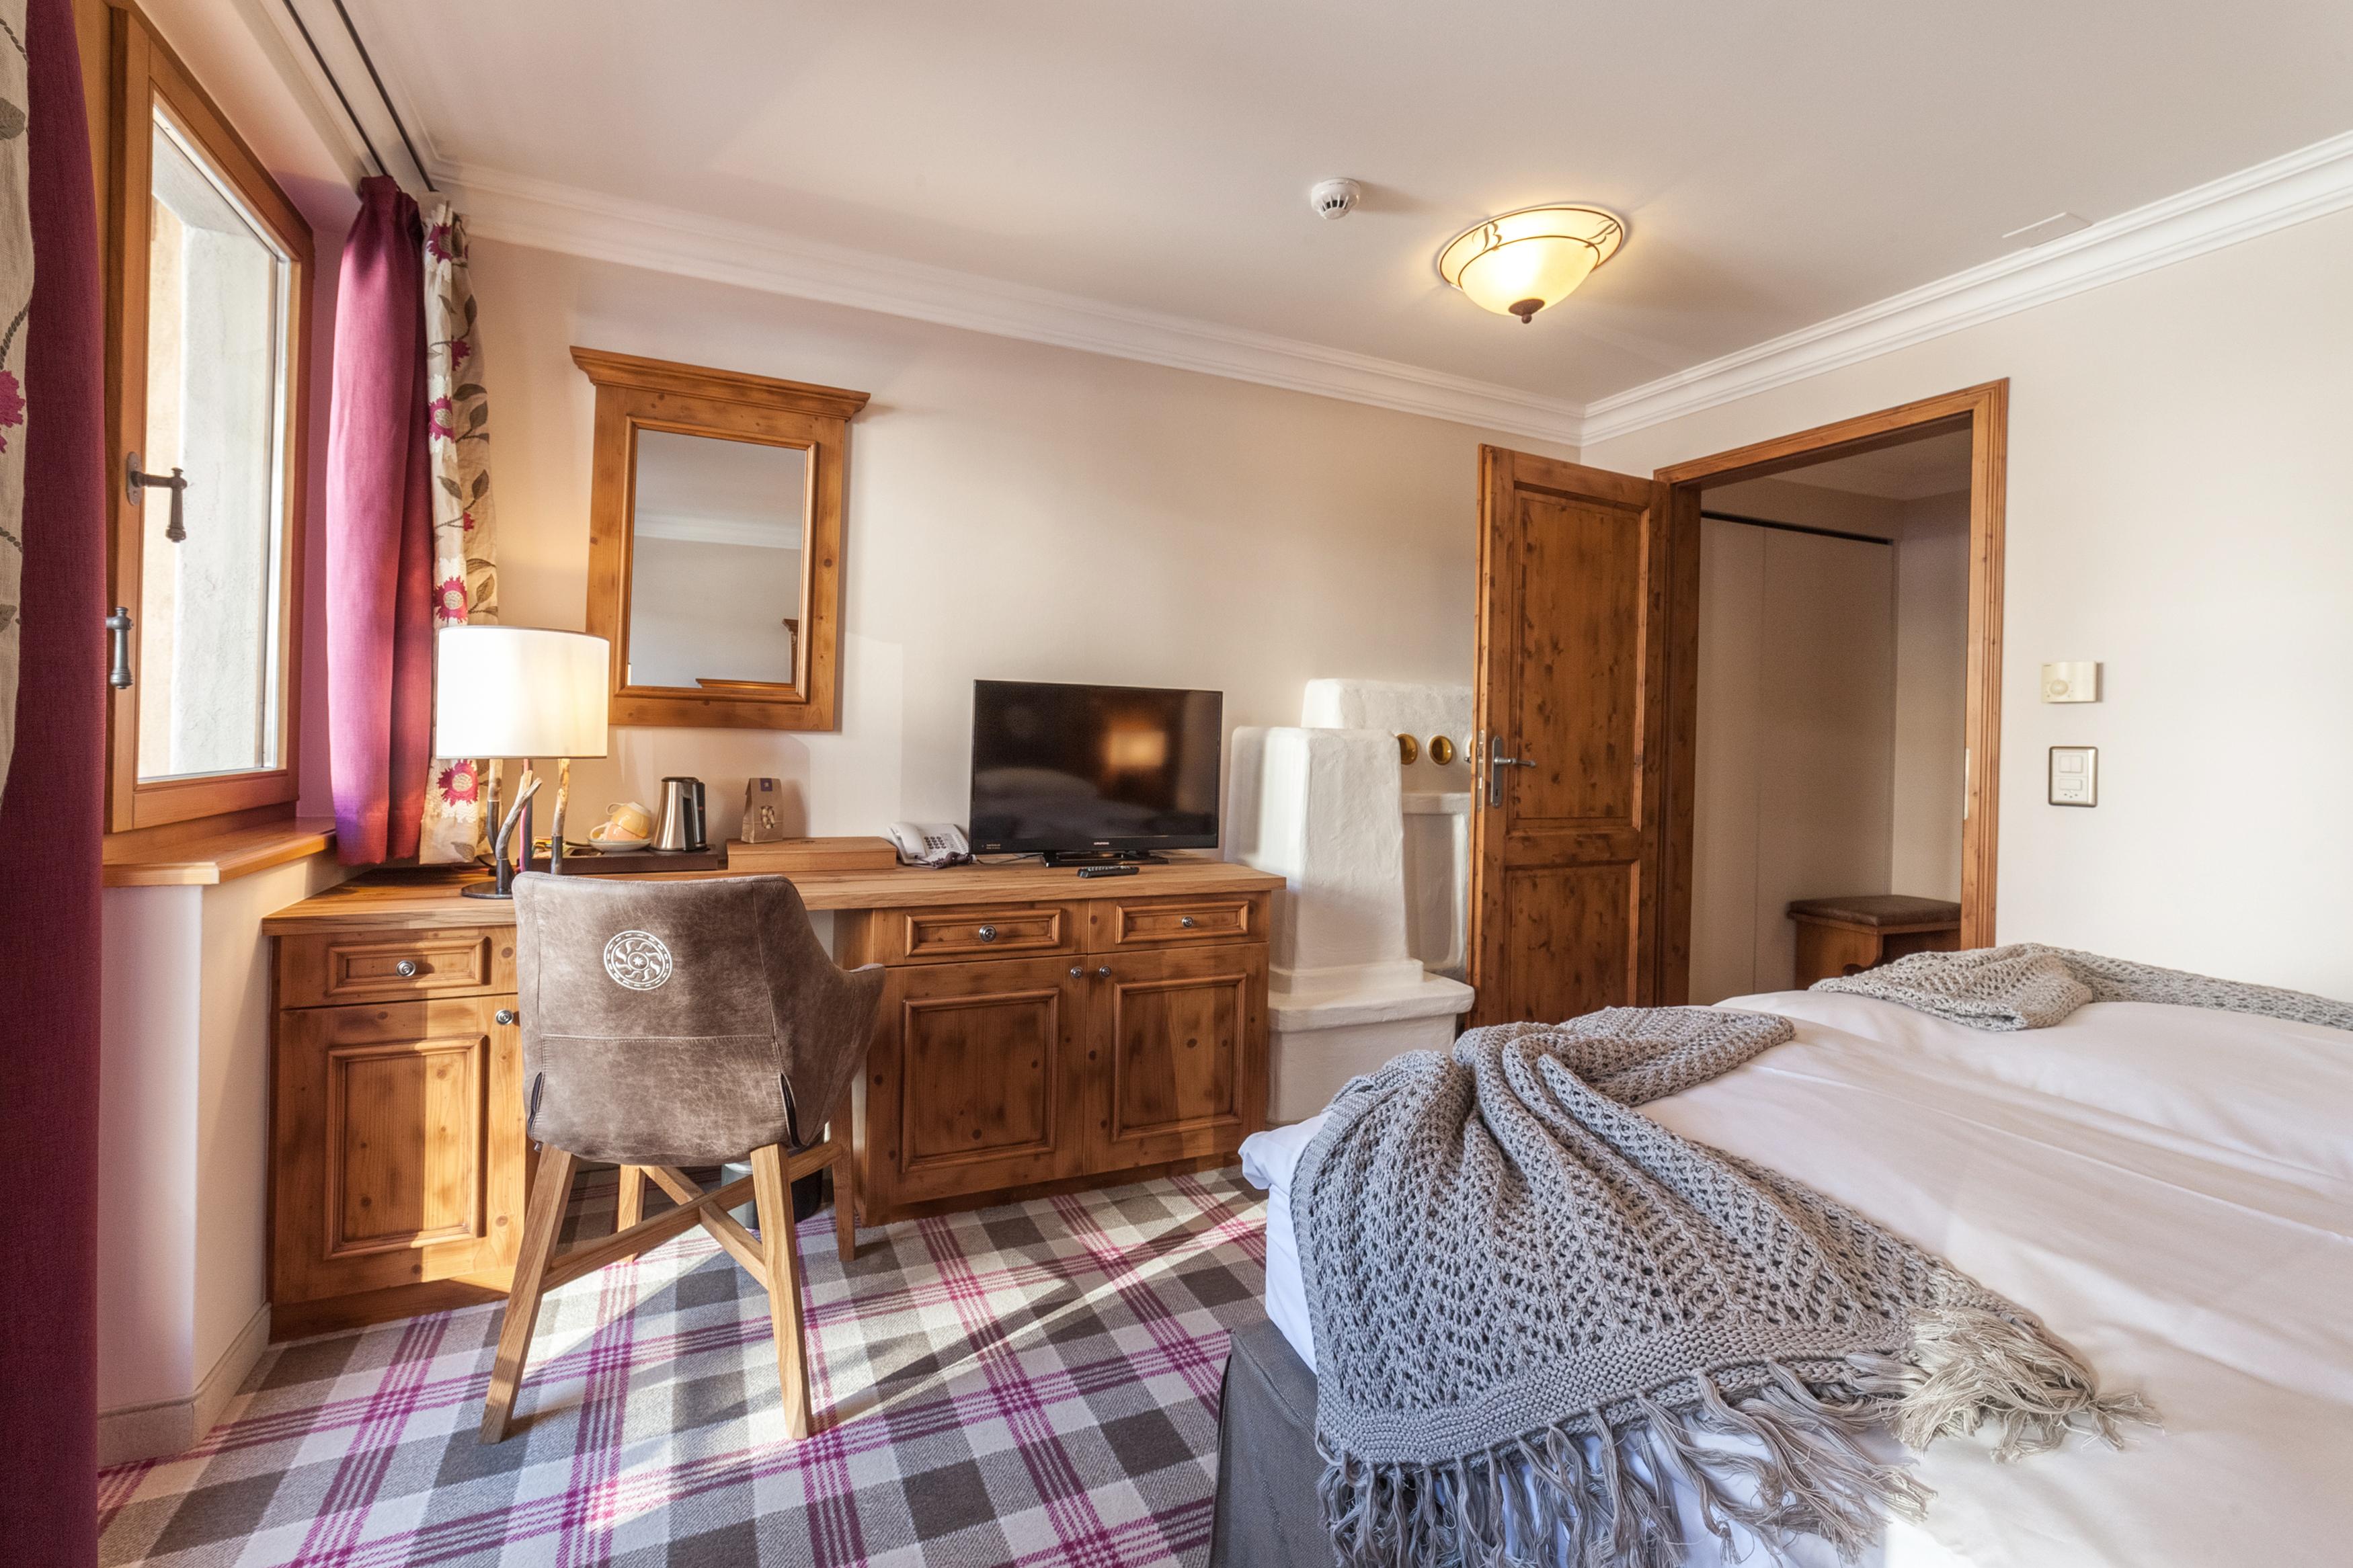 hotelzimmer-und-ferienwohnungen-bieten-den-idealen-platz-fuer-home-office-direkt-am-pistenrand-6038501